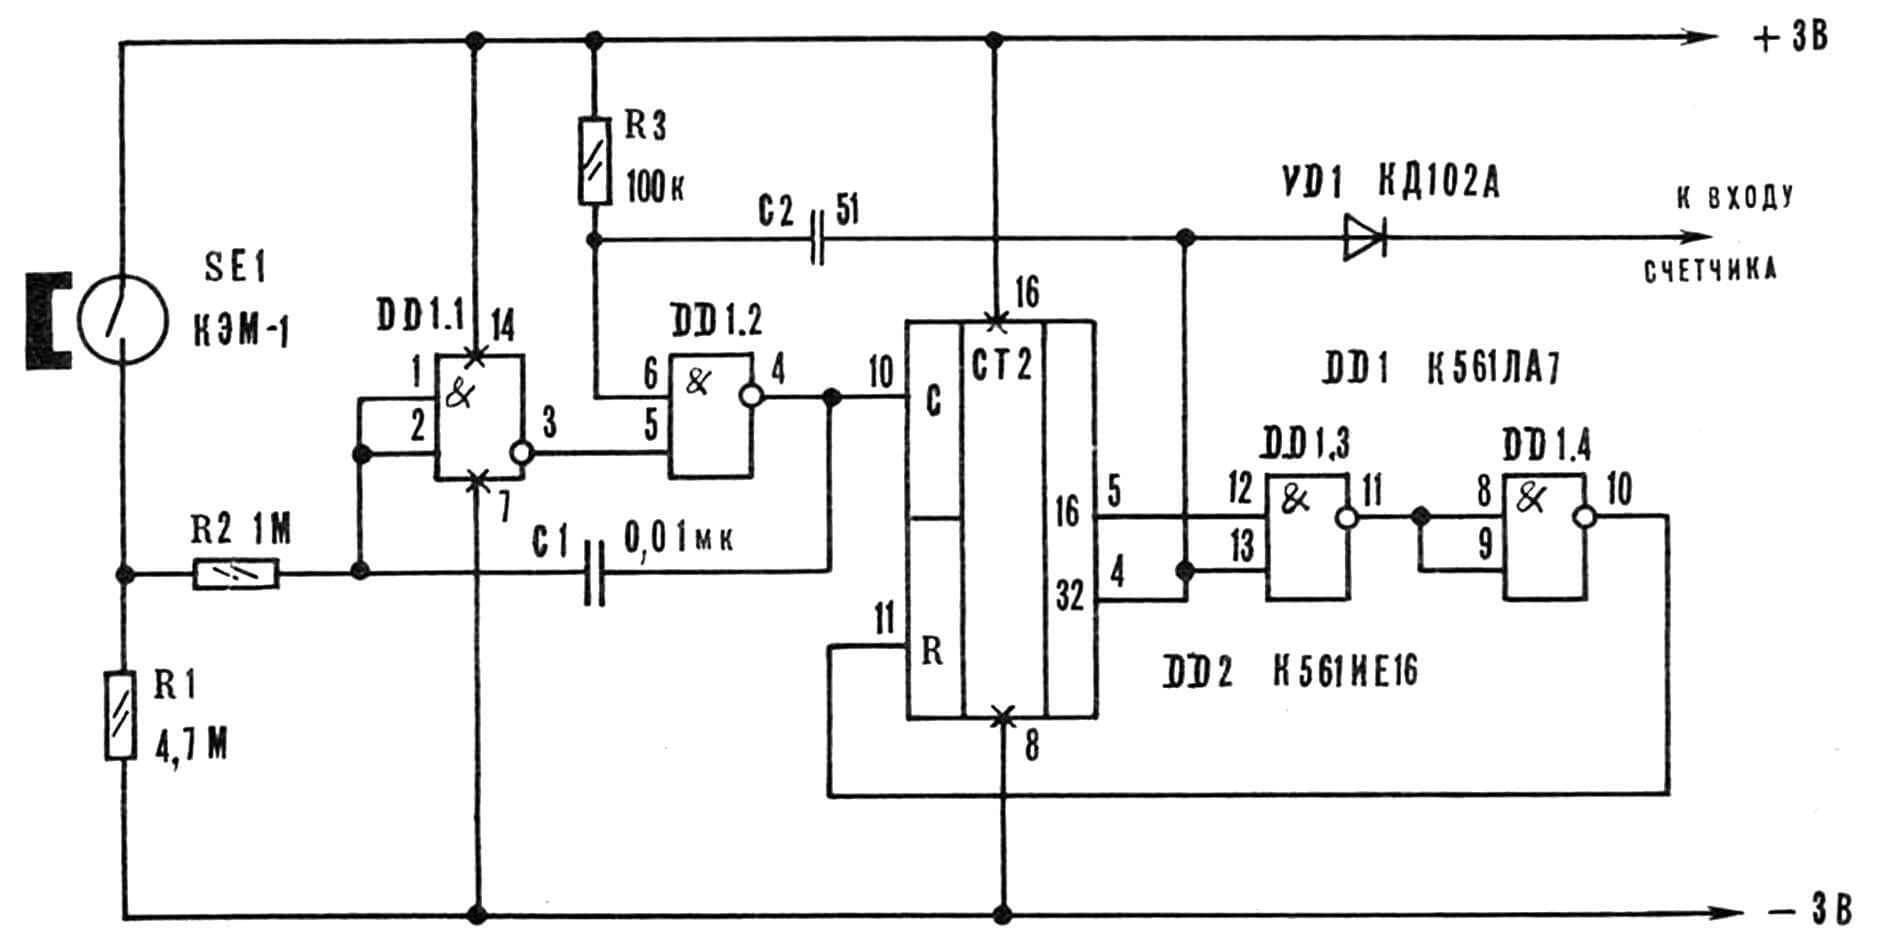 Рис. 1. Принципиальная электрическая схема формирователя-делителя на 47.